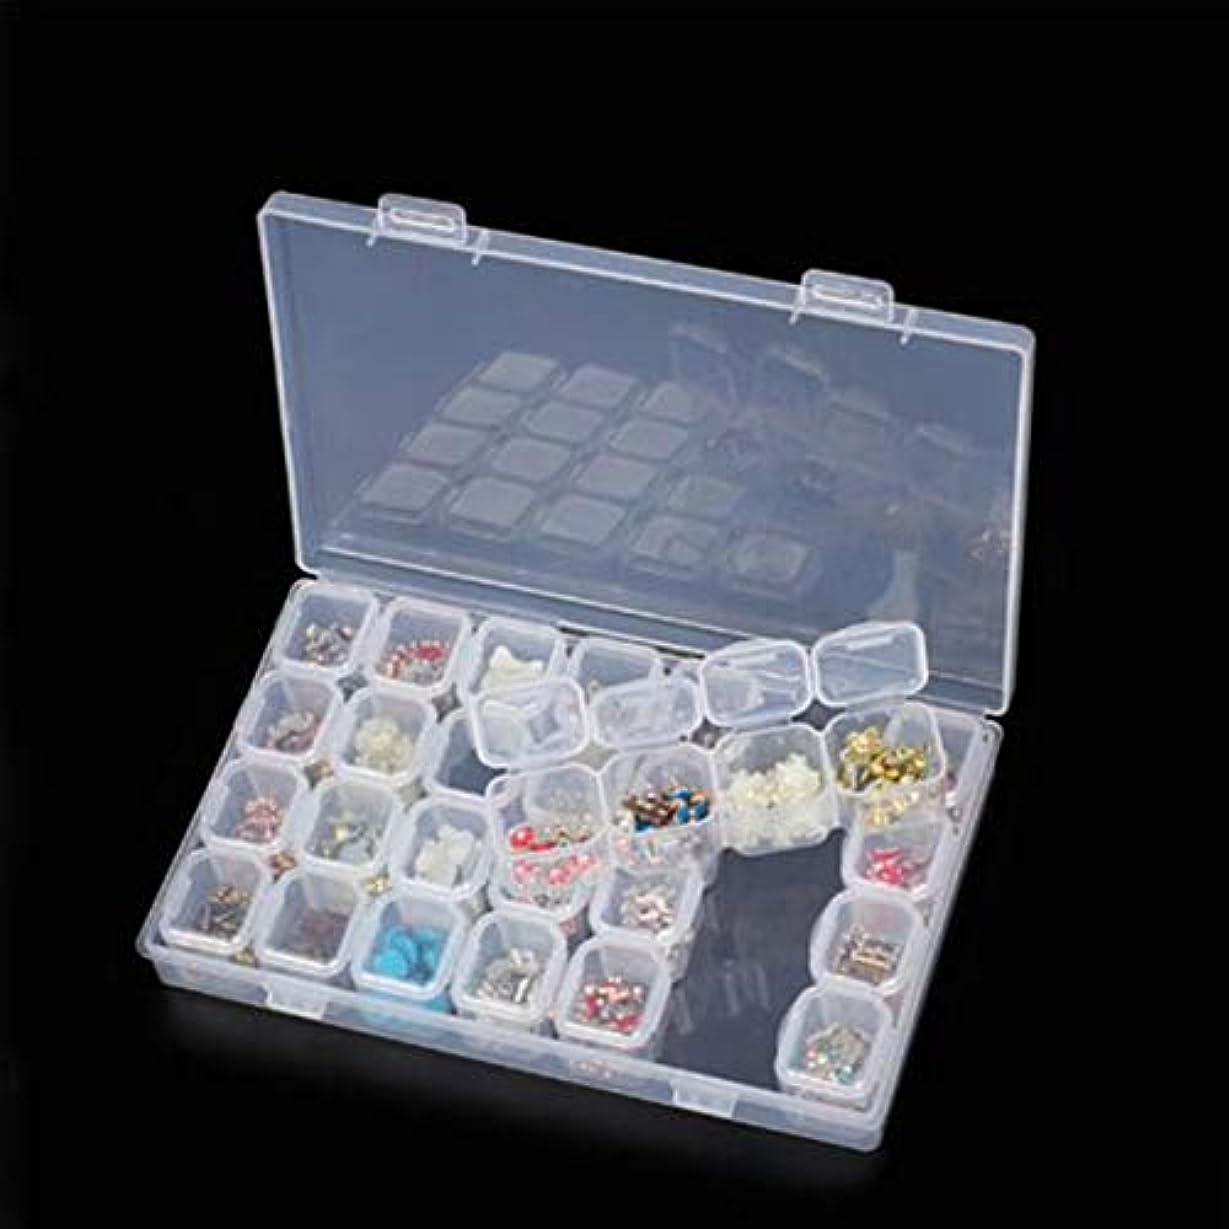 ヤギノーブルぺディカブ28スロットプラスチック収納ボックスボックスダイヤモンド塗装キットネールアートラインツールズ収納収納ボックスケースオーガナイザーホルダー(透明)